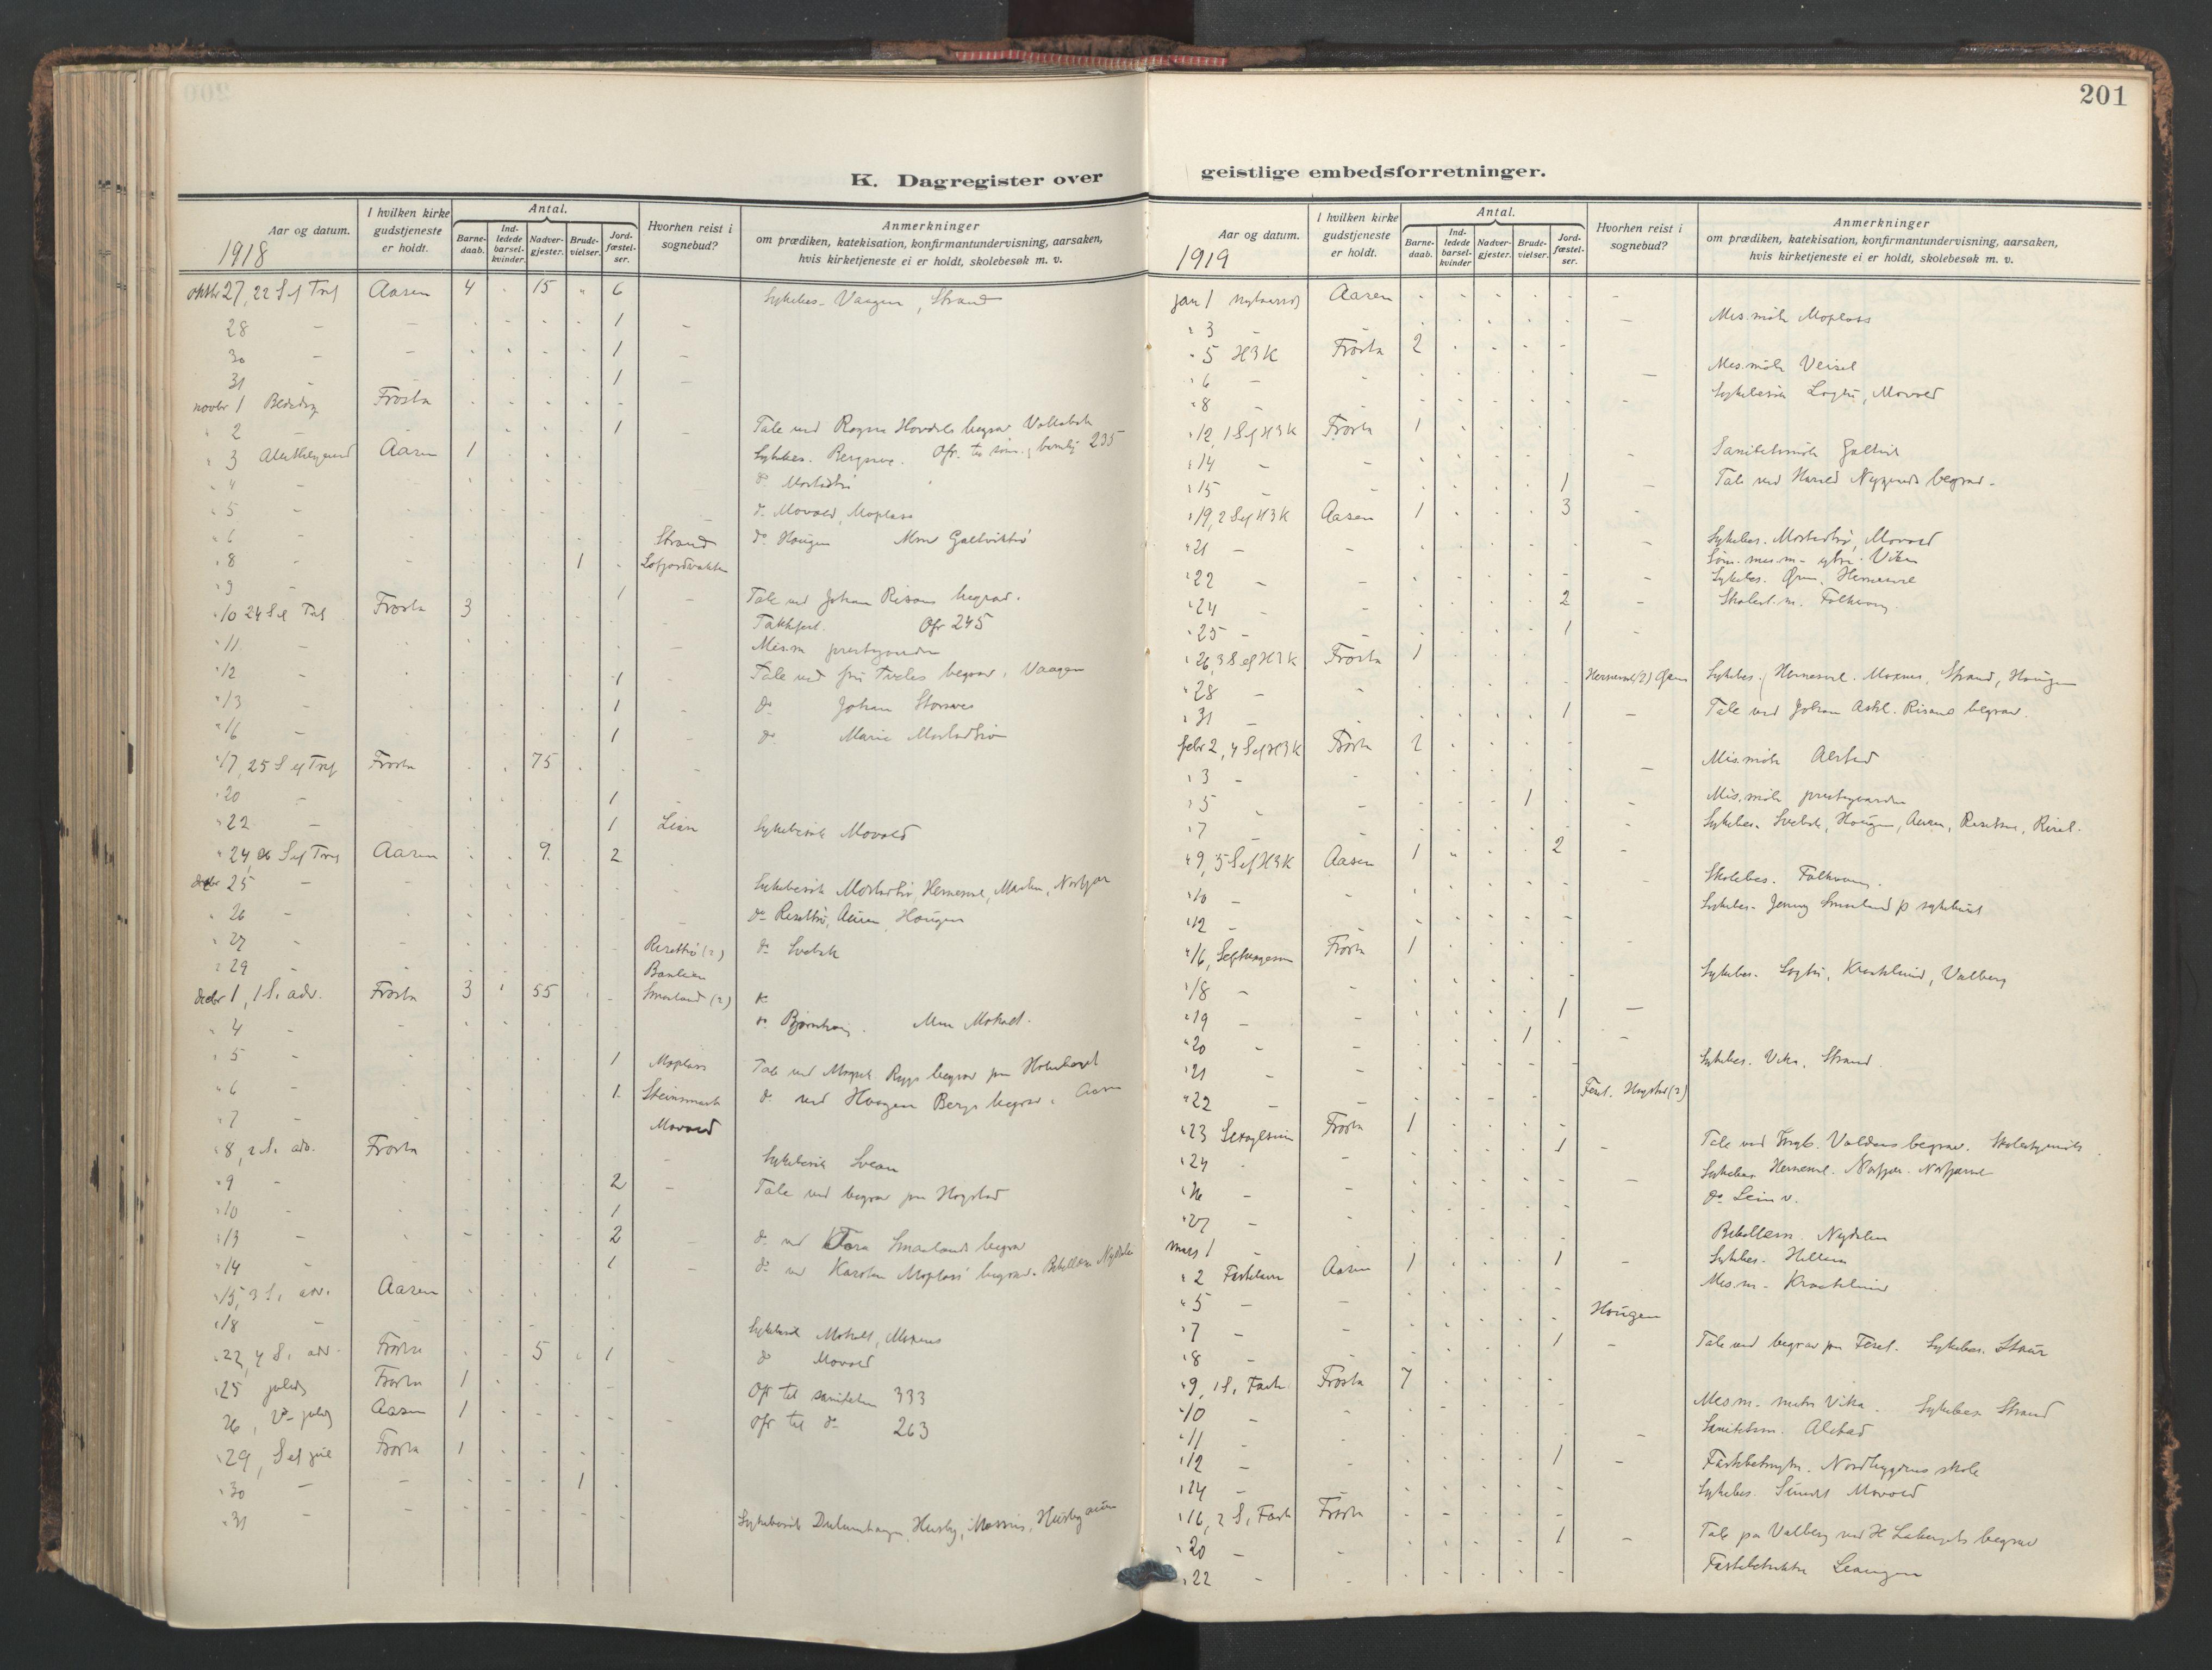 SAT, Ministerialprotokoller, klokkerbøker og fødselsregistre - Nord-Trøndelag, 713/L0123: Ministerialbok nr. 713A12, 1911-1925, s. 201